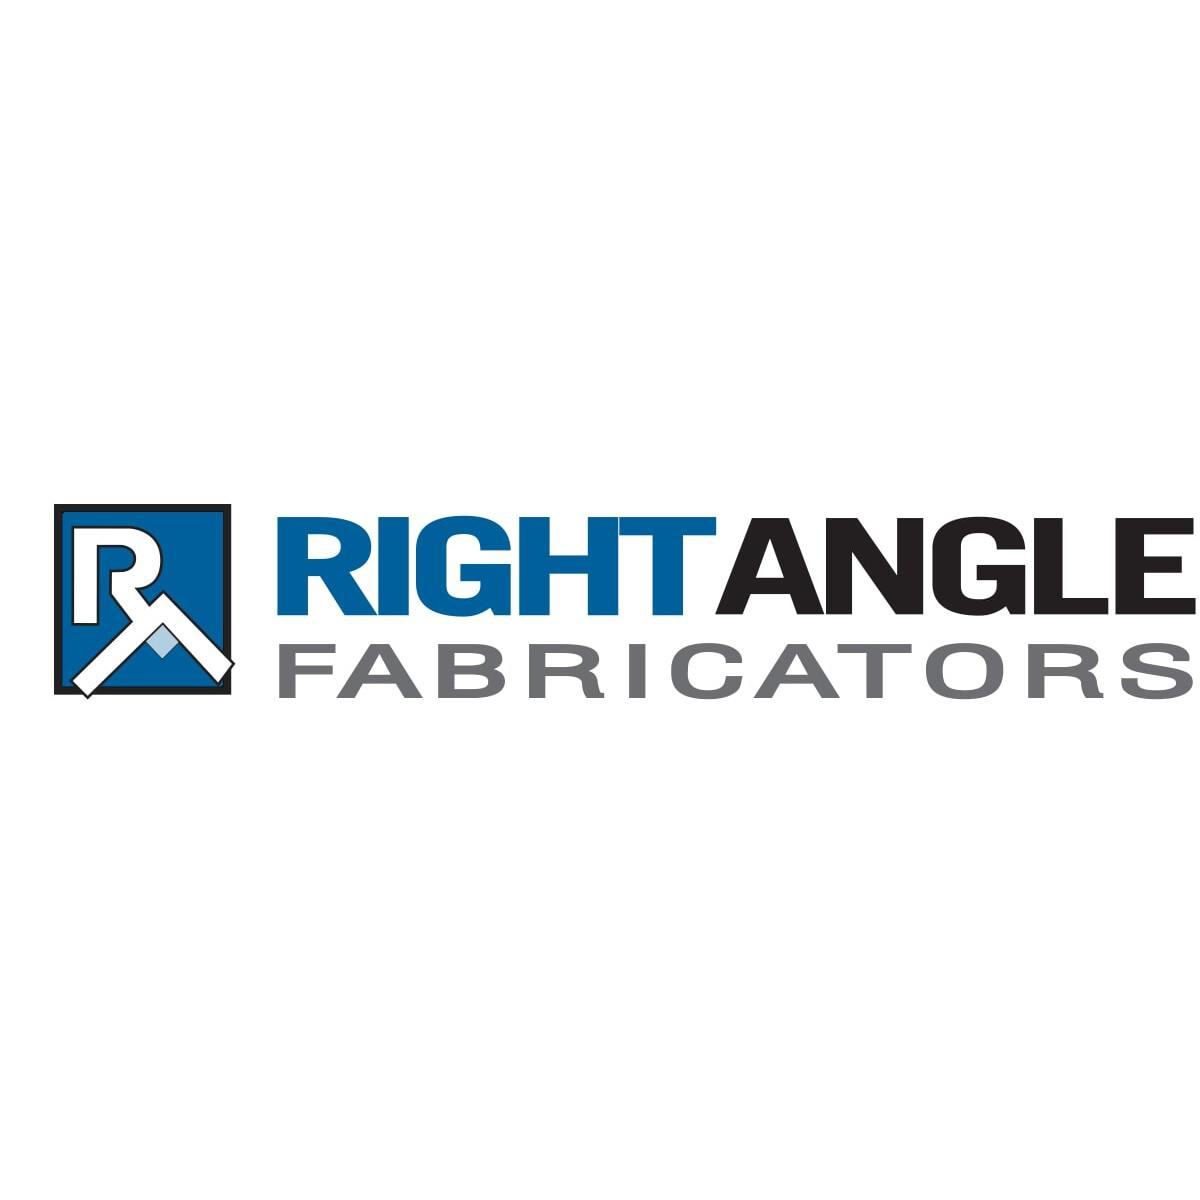 Right Angle Fabricators